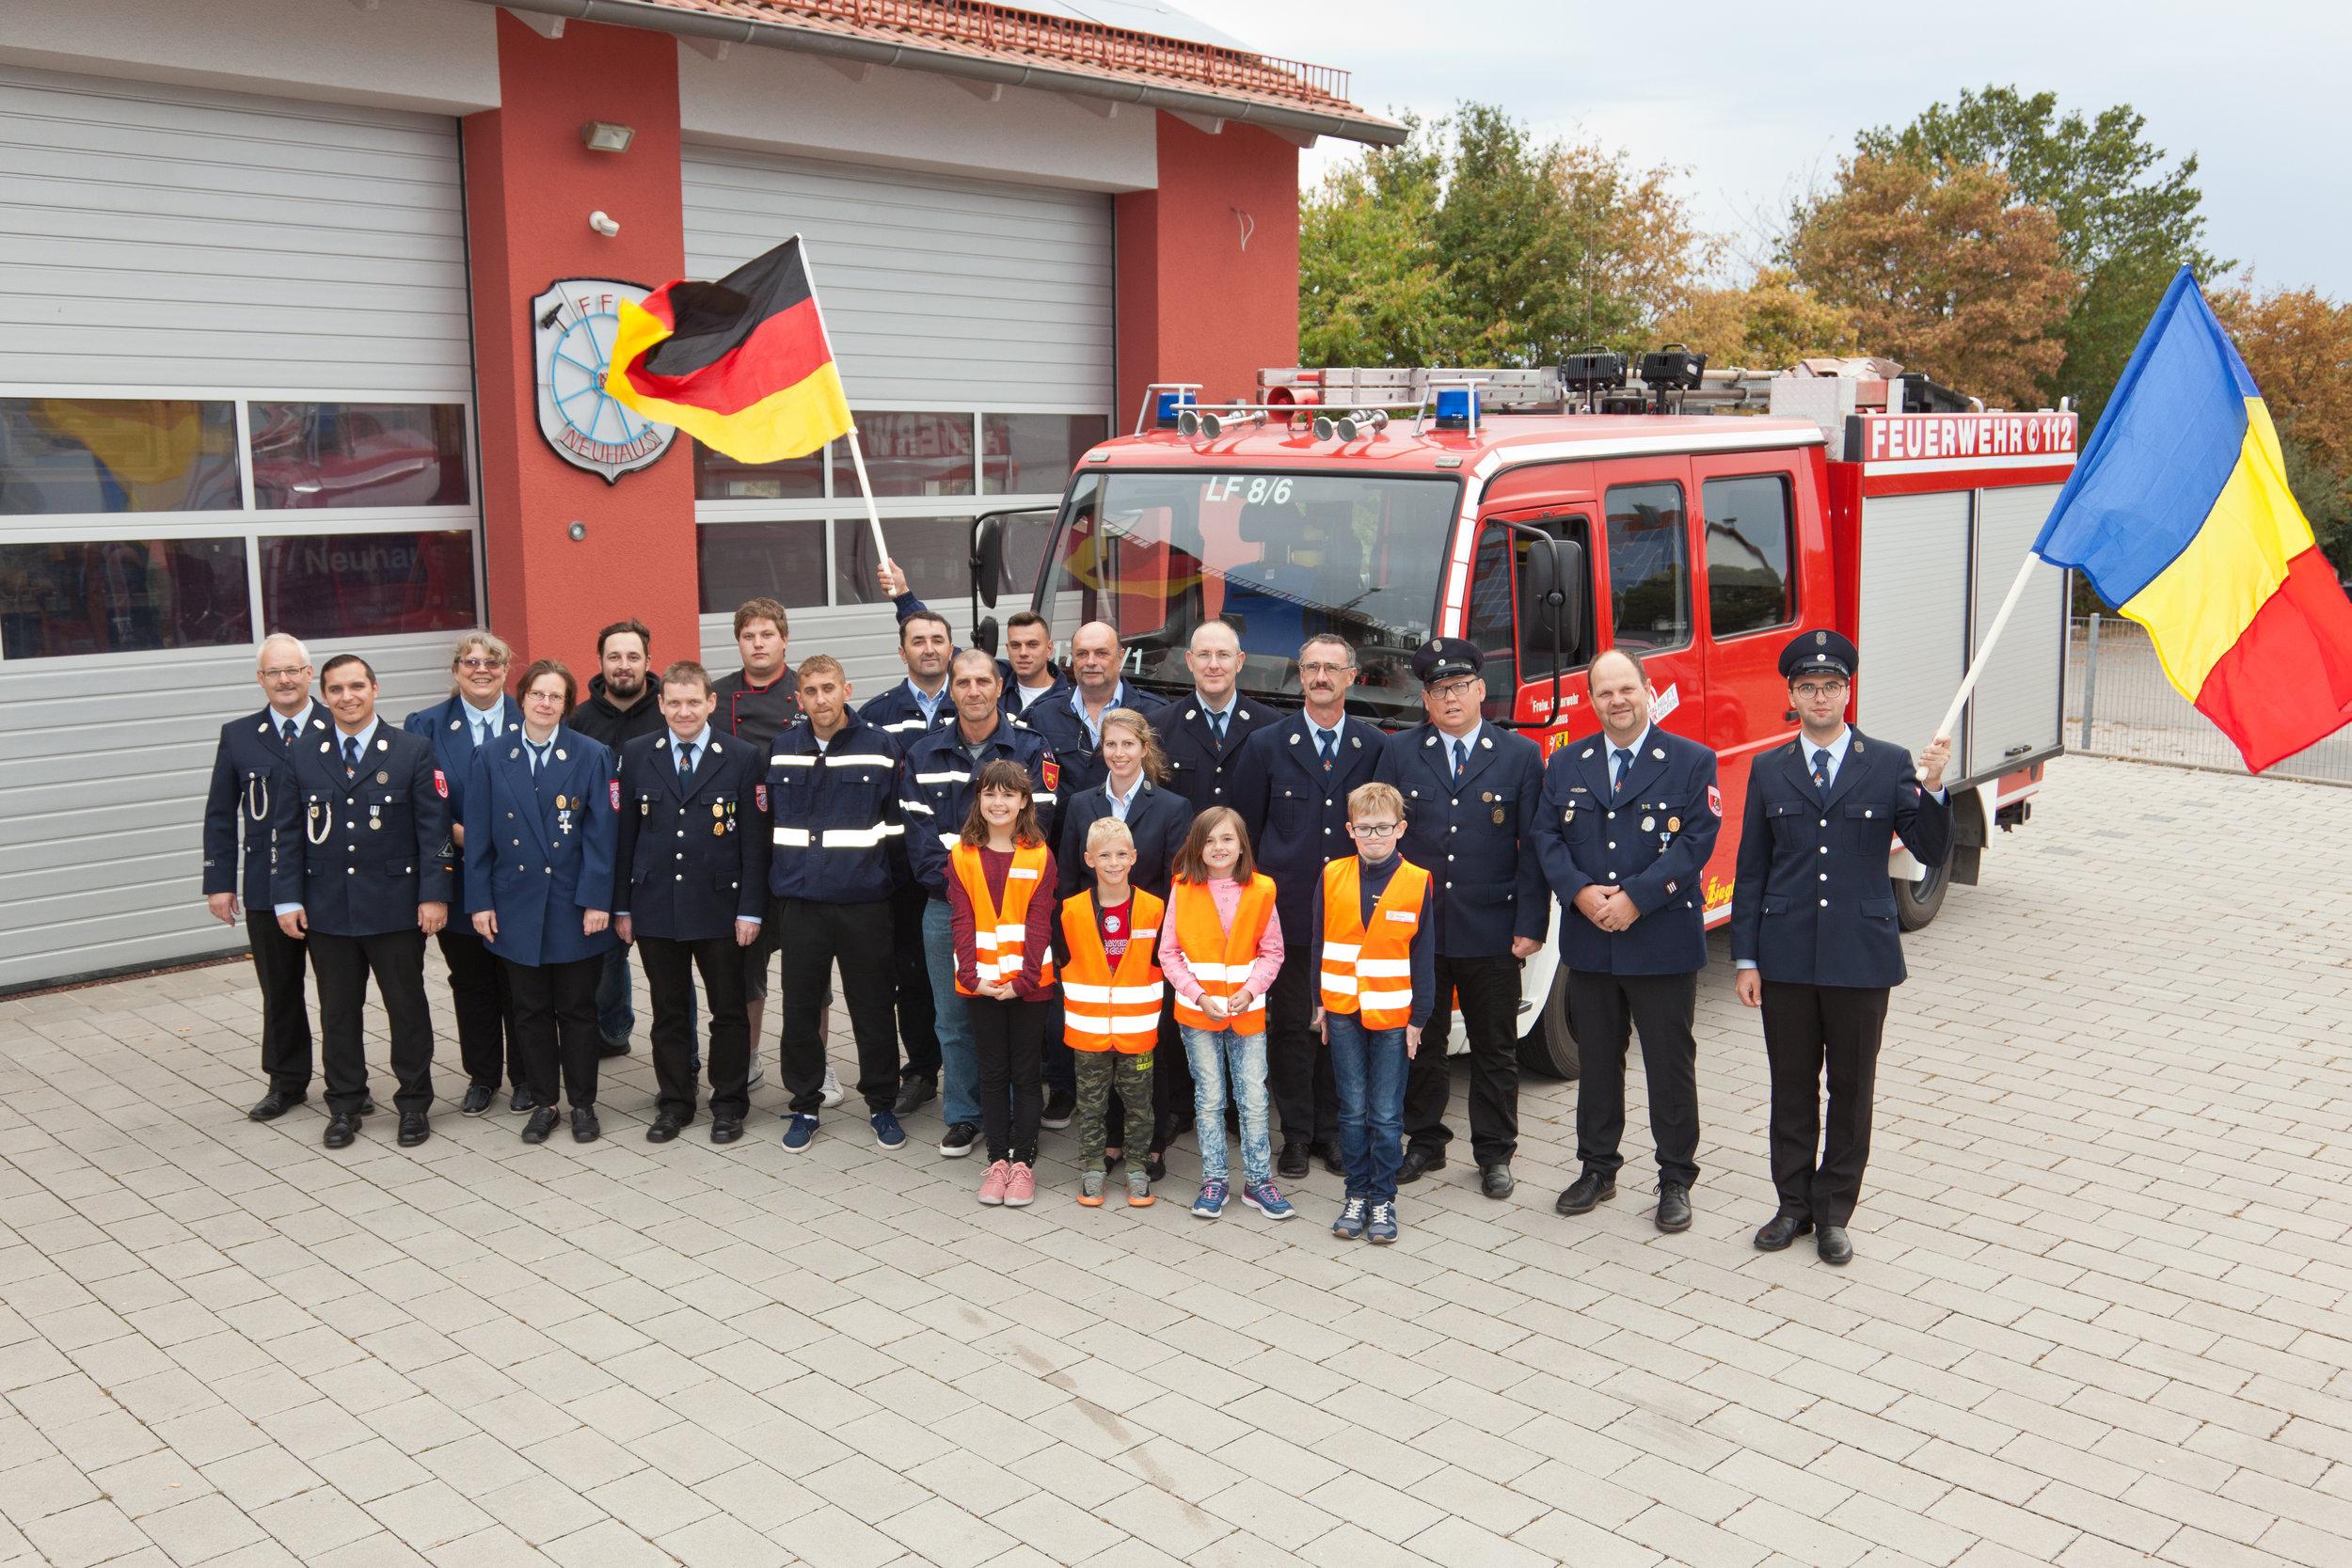 2018_09_22_Feuerwehr_Neuhaus_Anina_053.jpg